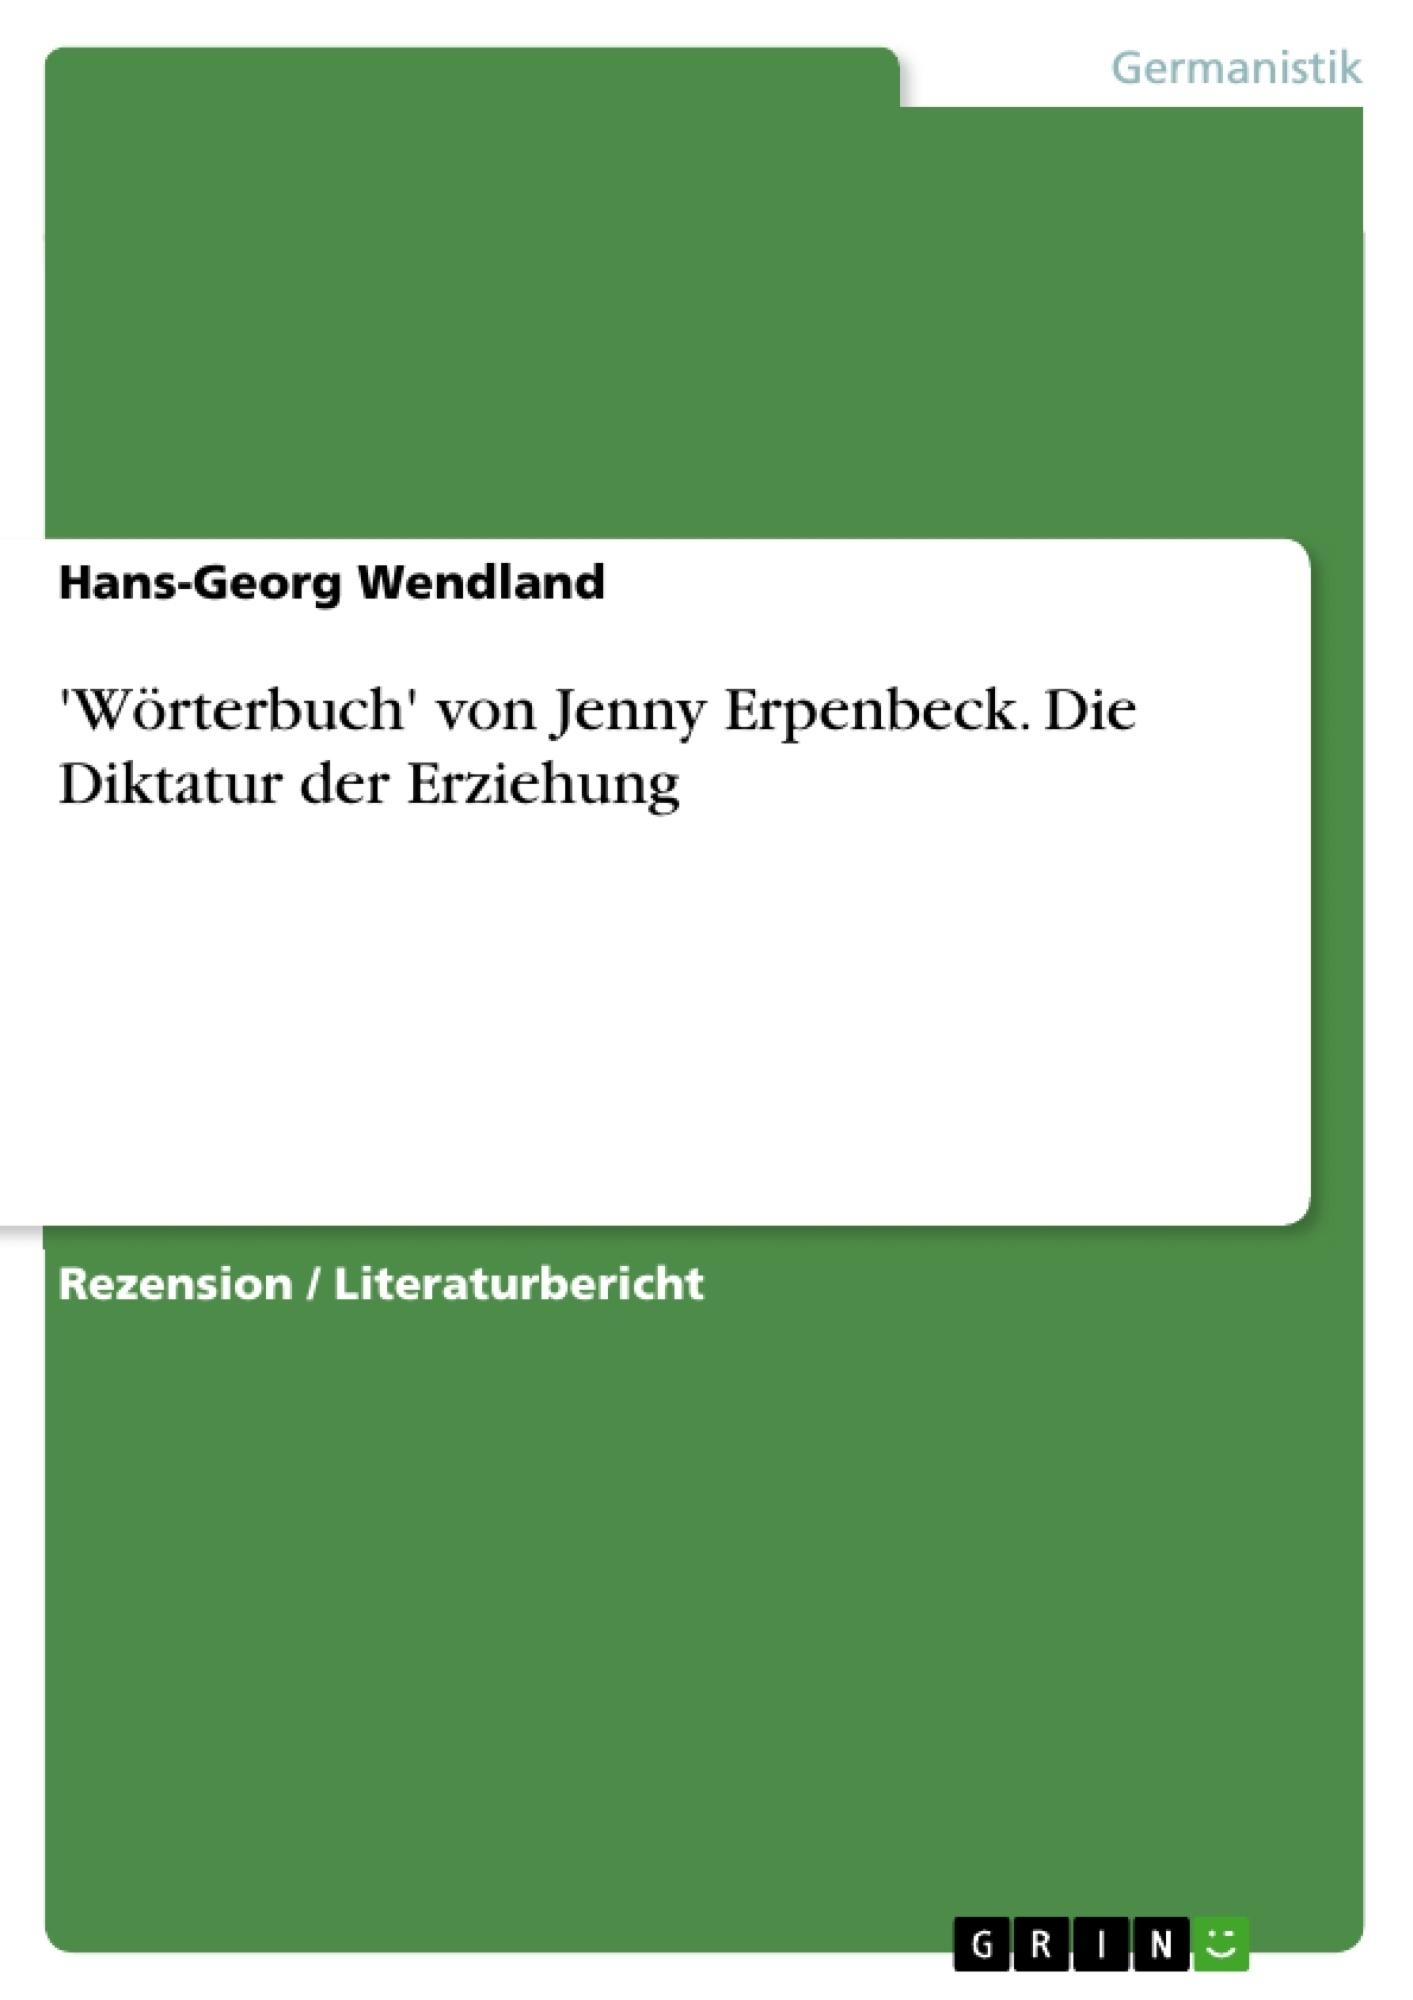 Titel: 'Wörterbuch' von Jenny Erpenbeck. Die Diktatur der Erziehung